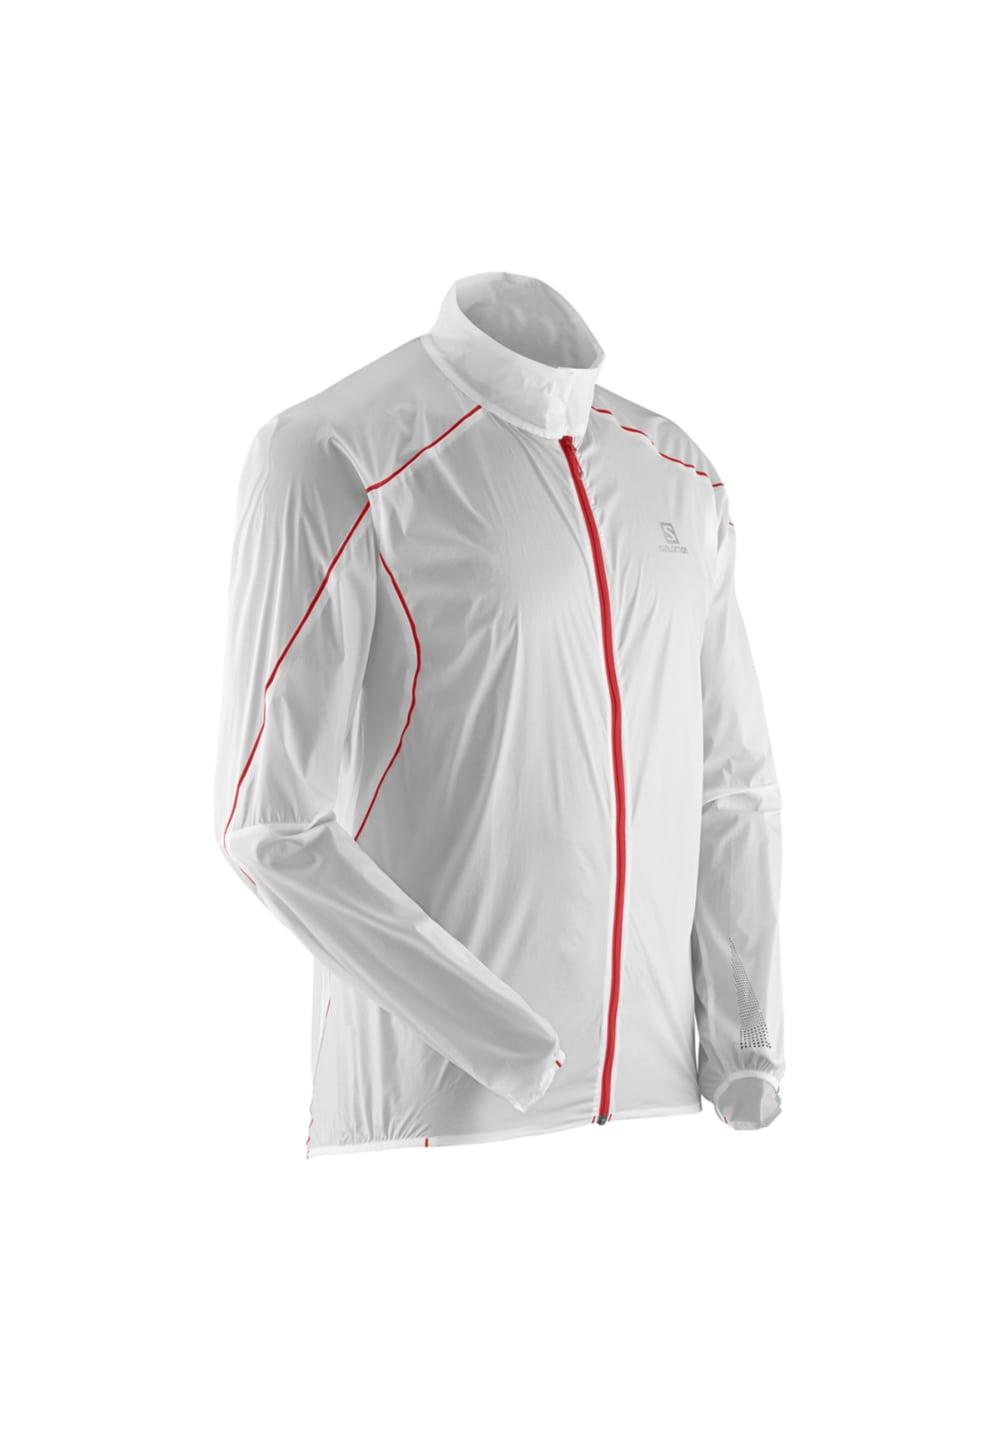 Salomon S-Lab Light Jacket - Laufjacken für Herren - Grau